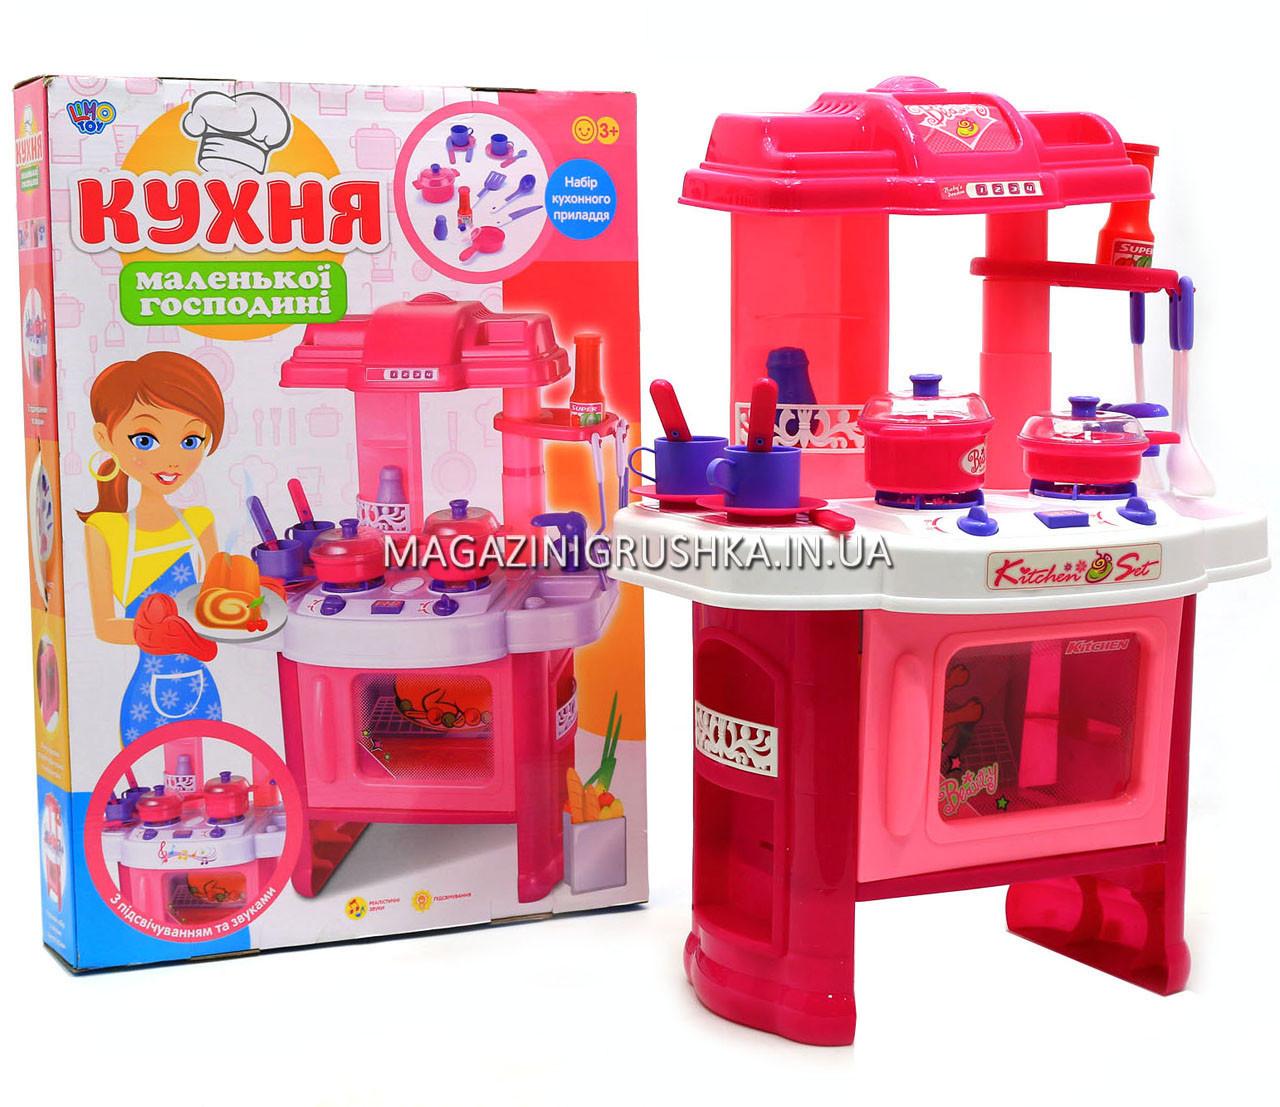 Игровой набор для девочки Limo Toy Кухня детская 15 предметов (008-26)